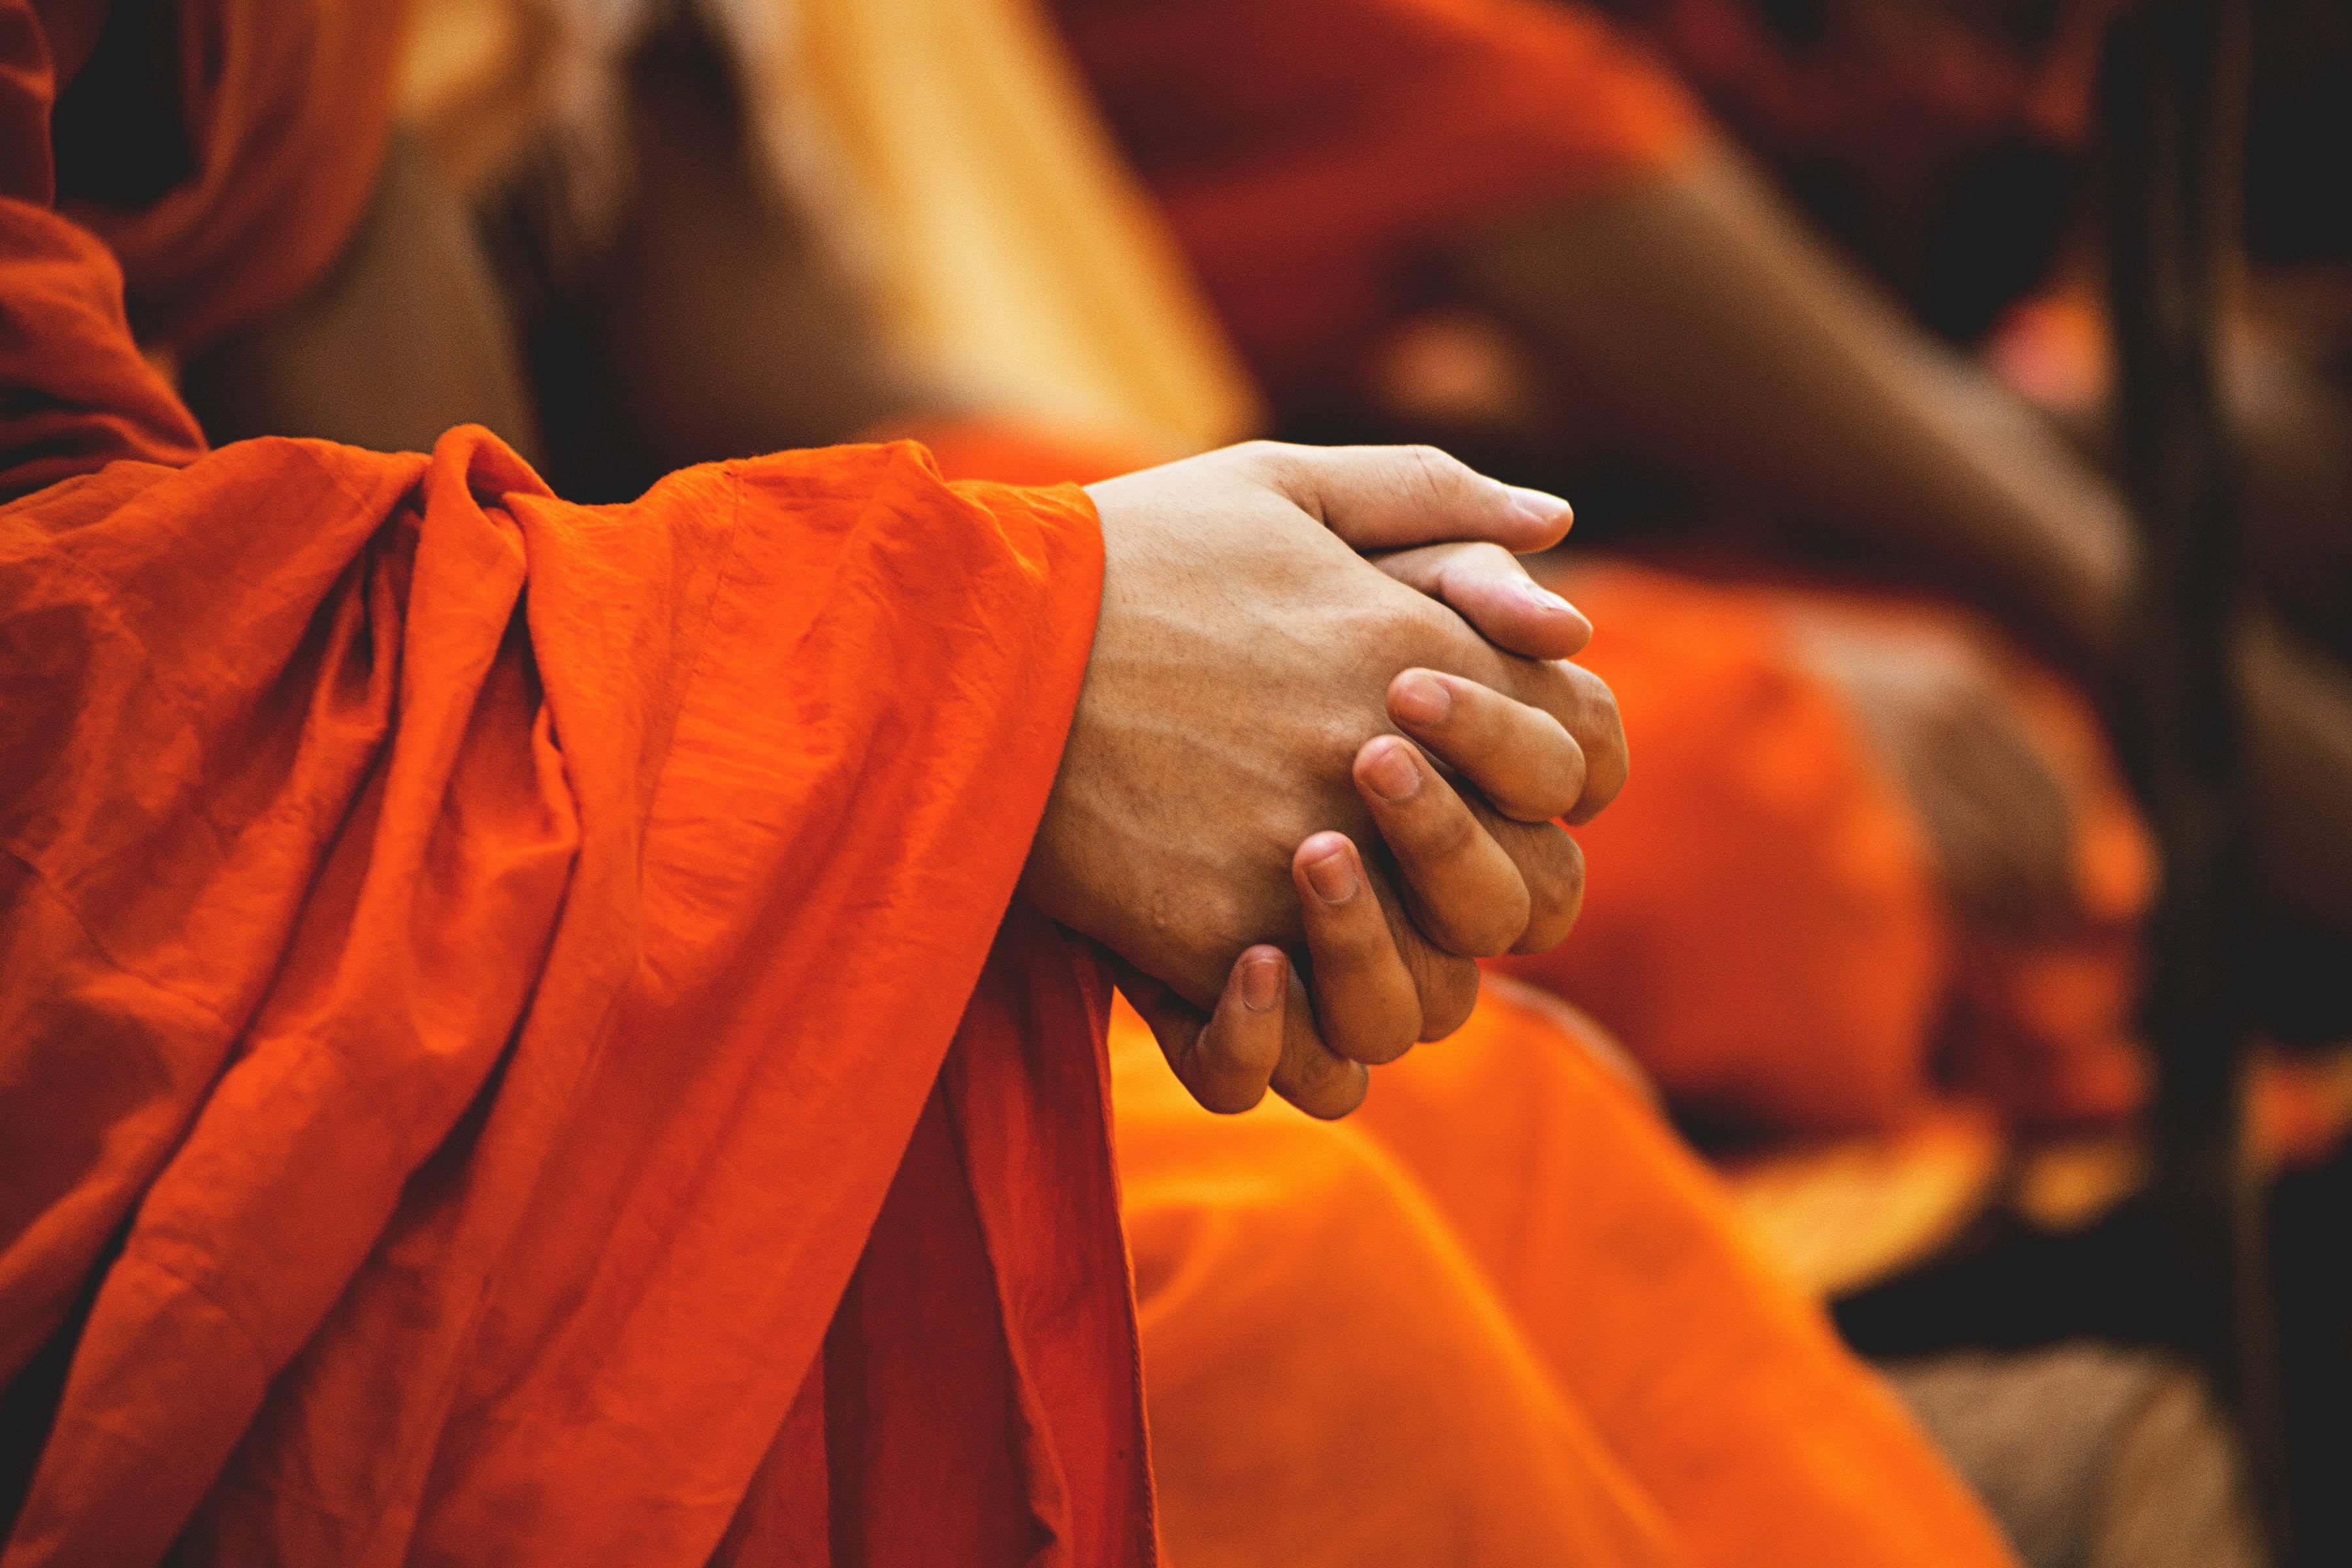 Well-being achieved through Sane Wisdom